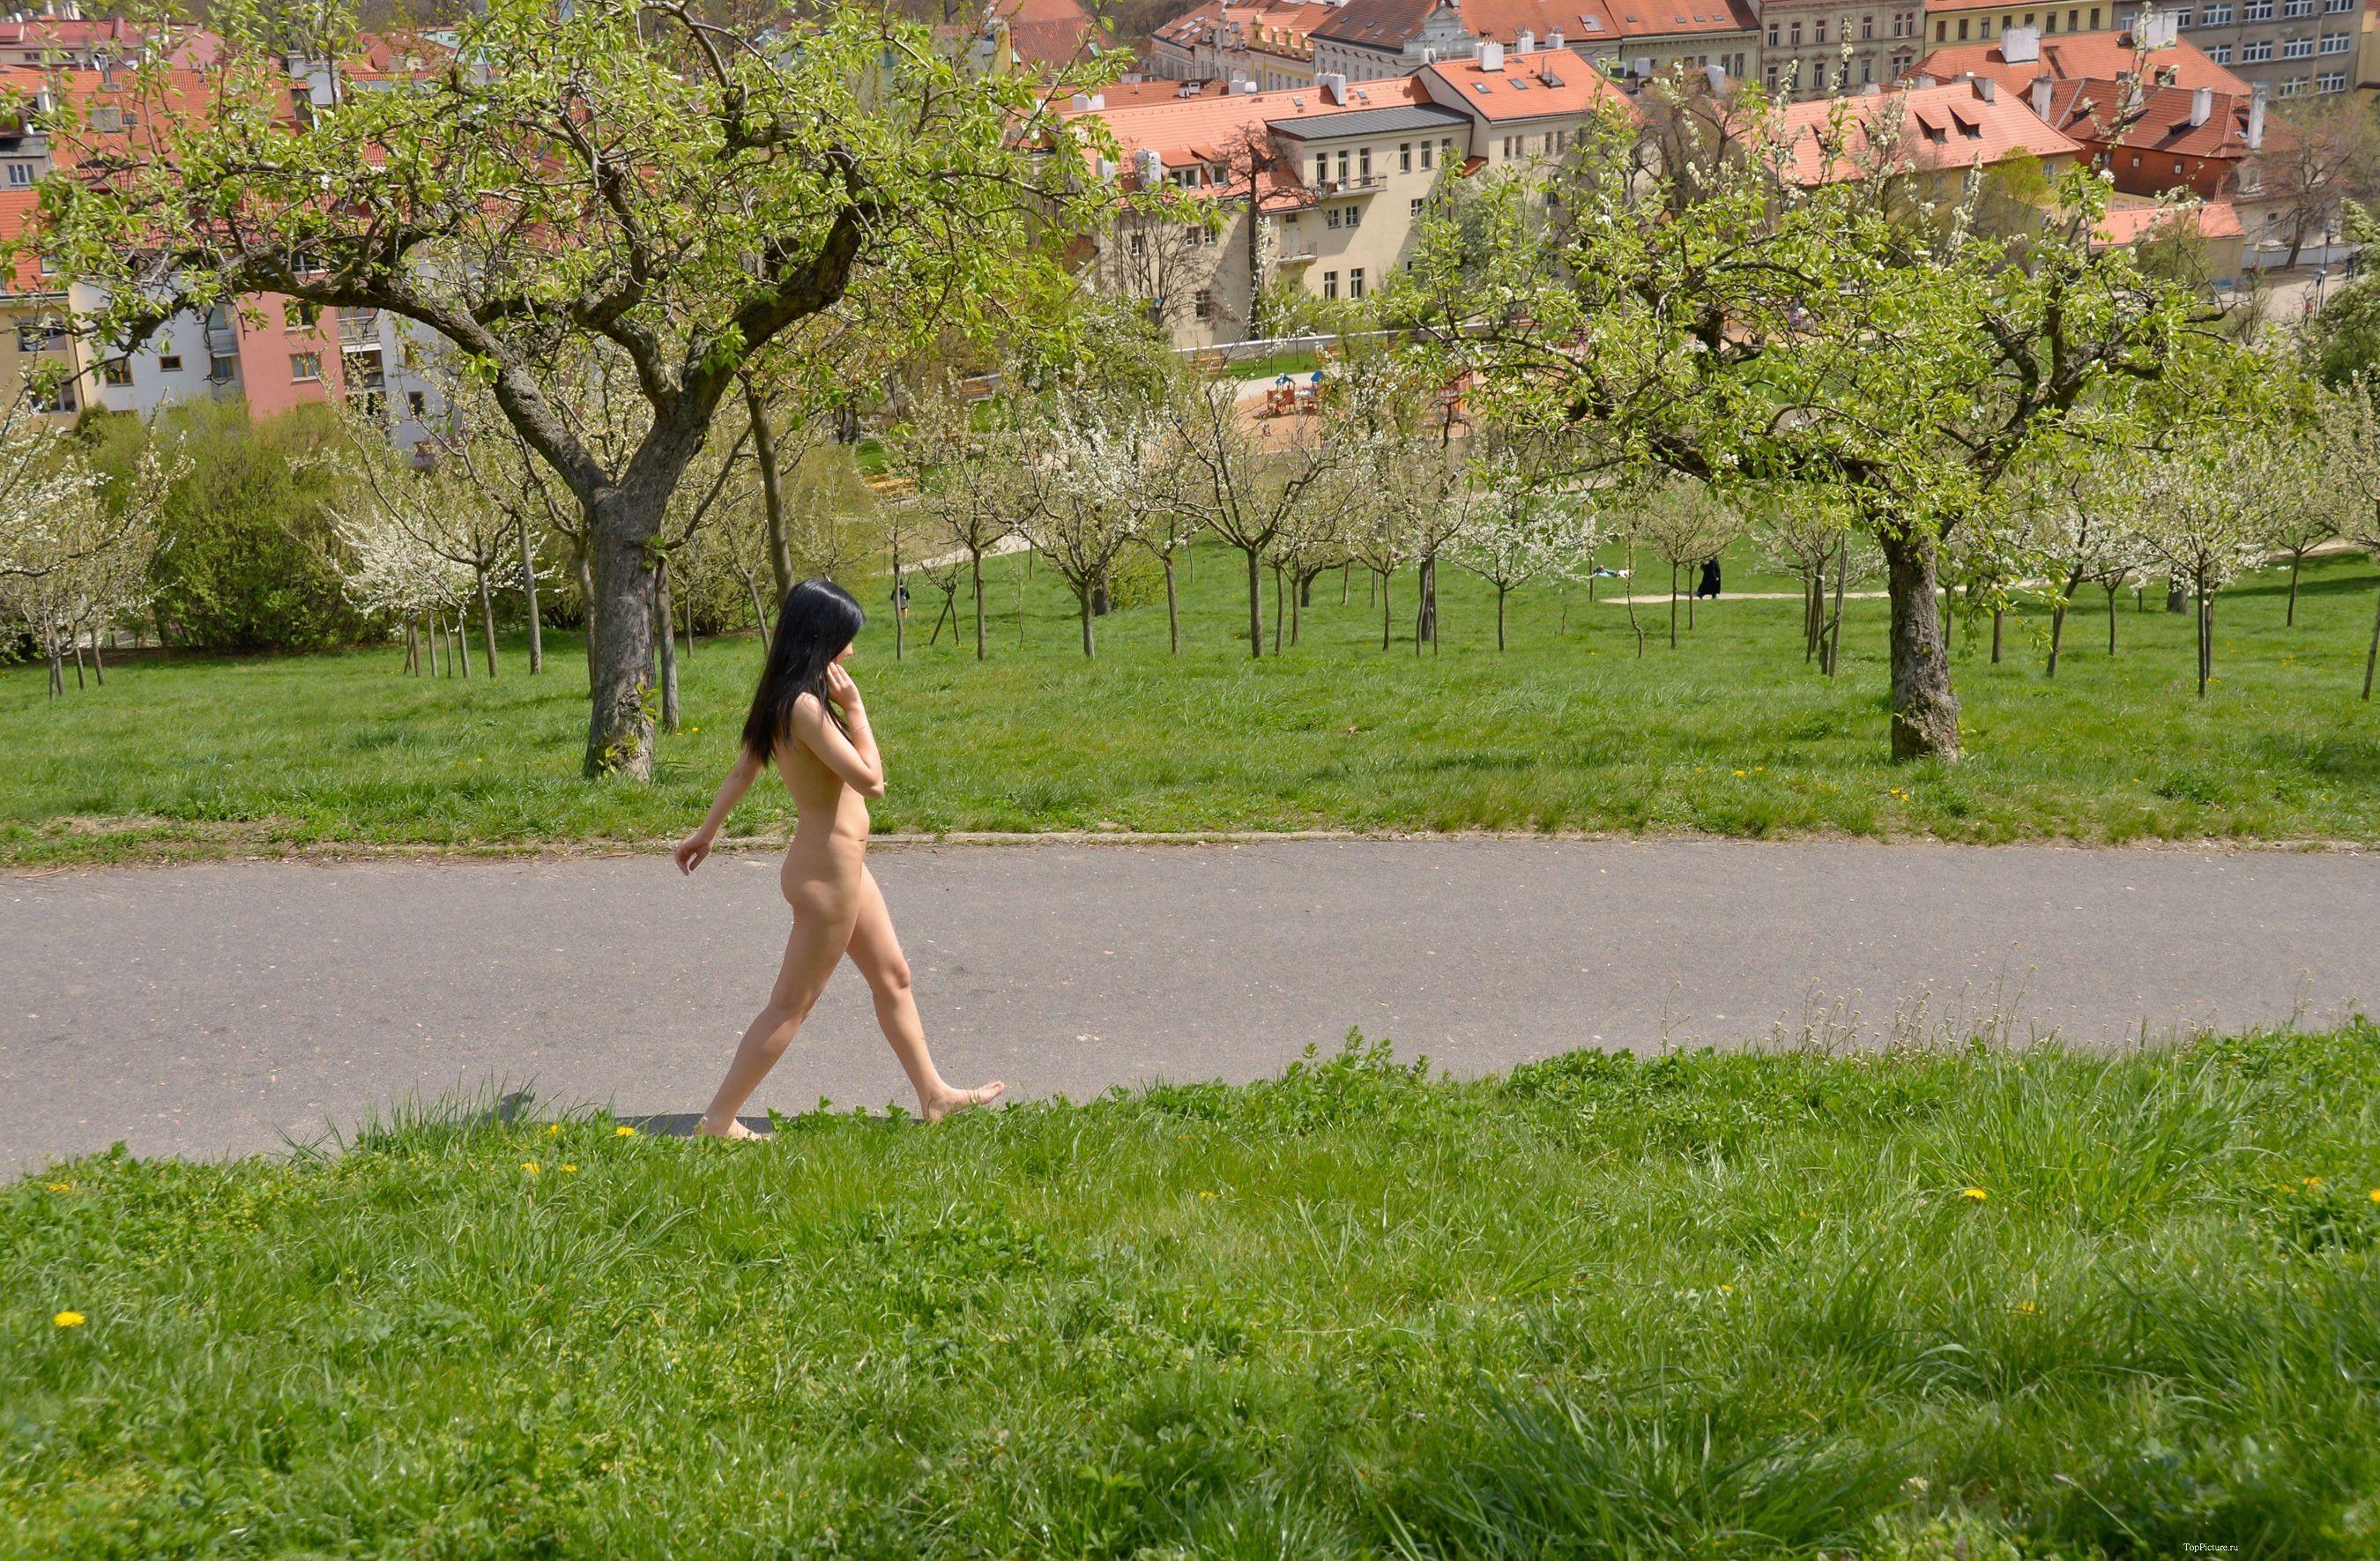 Русая порноактрисса в чем мать родила красуется на природе где ходят люди